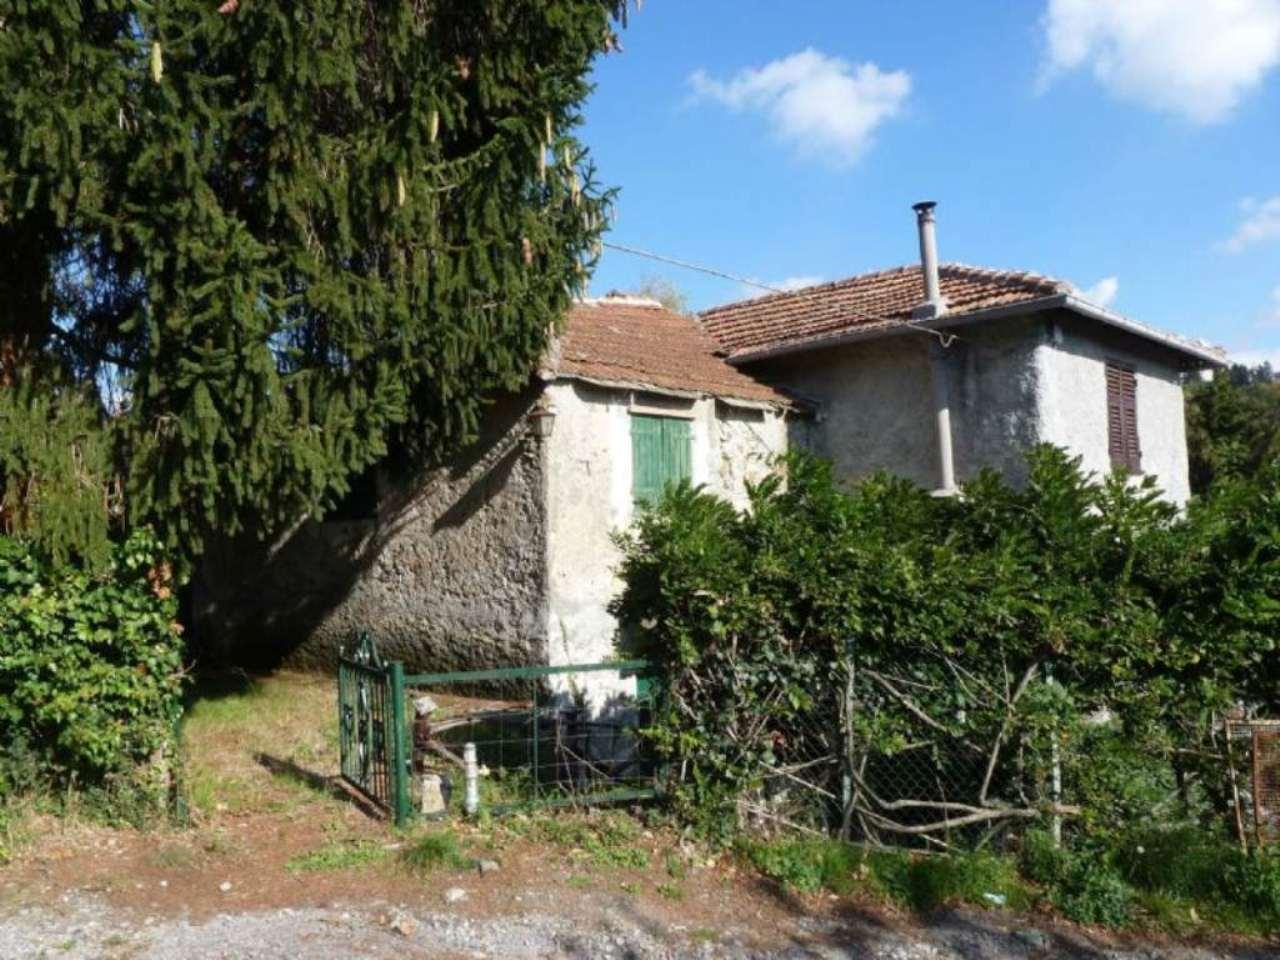 Rustico / Casale in vendita a Mignanego, 4 locali, prezzo € 28.000 | Cambio Casa.it